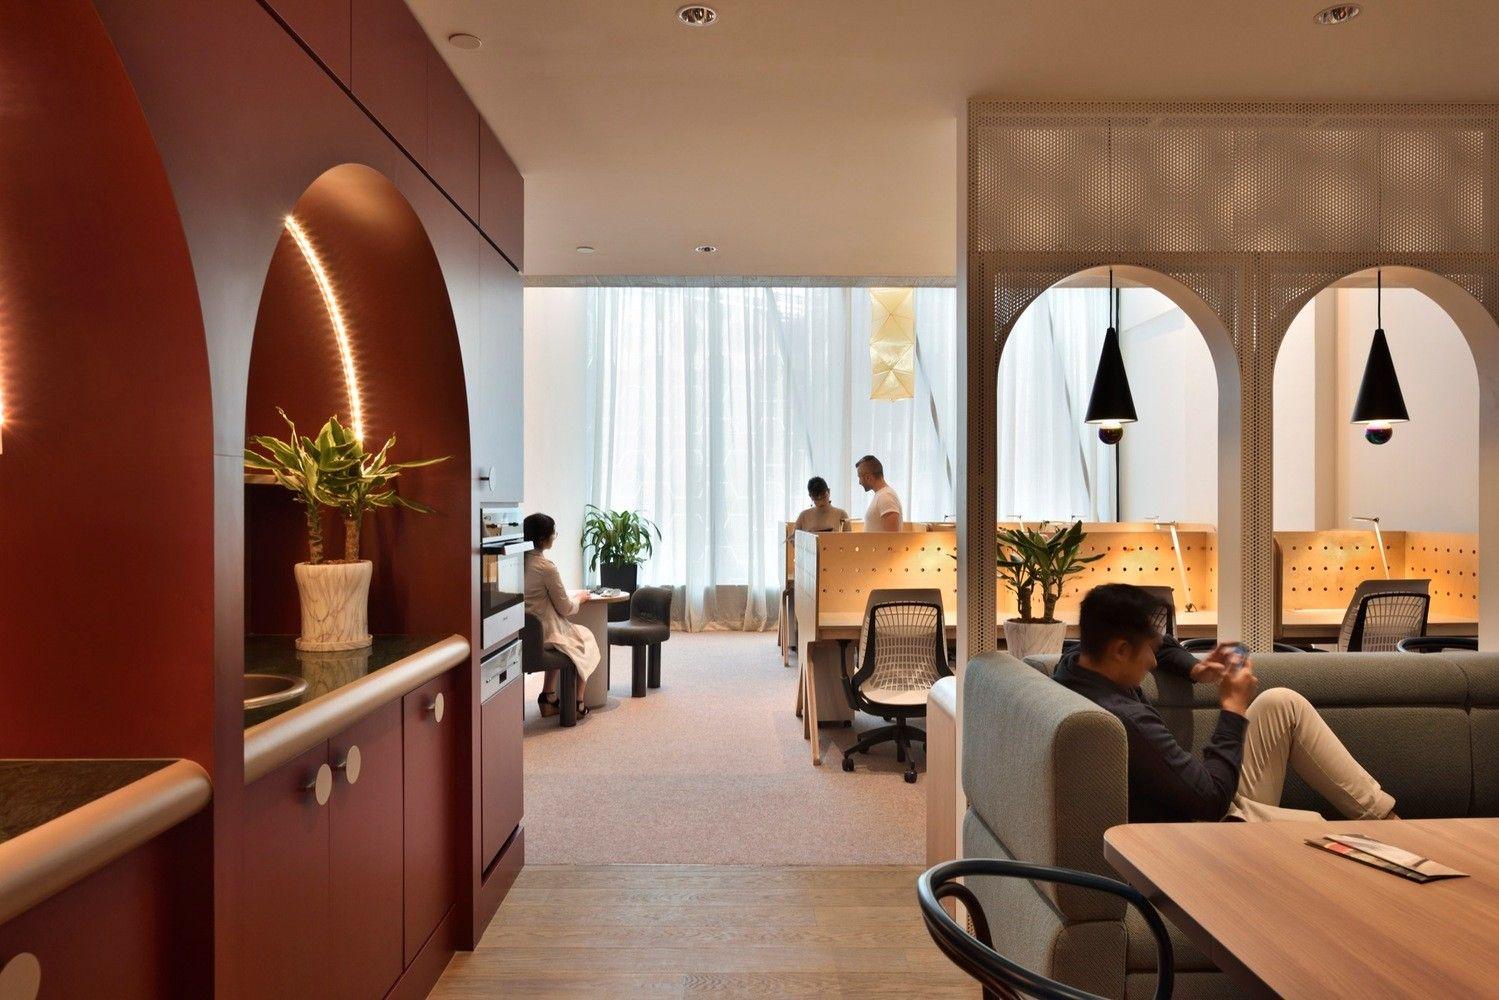 新加坡 The Working Capitol 联合办公空间设计 | HASSELL